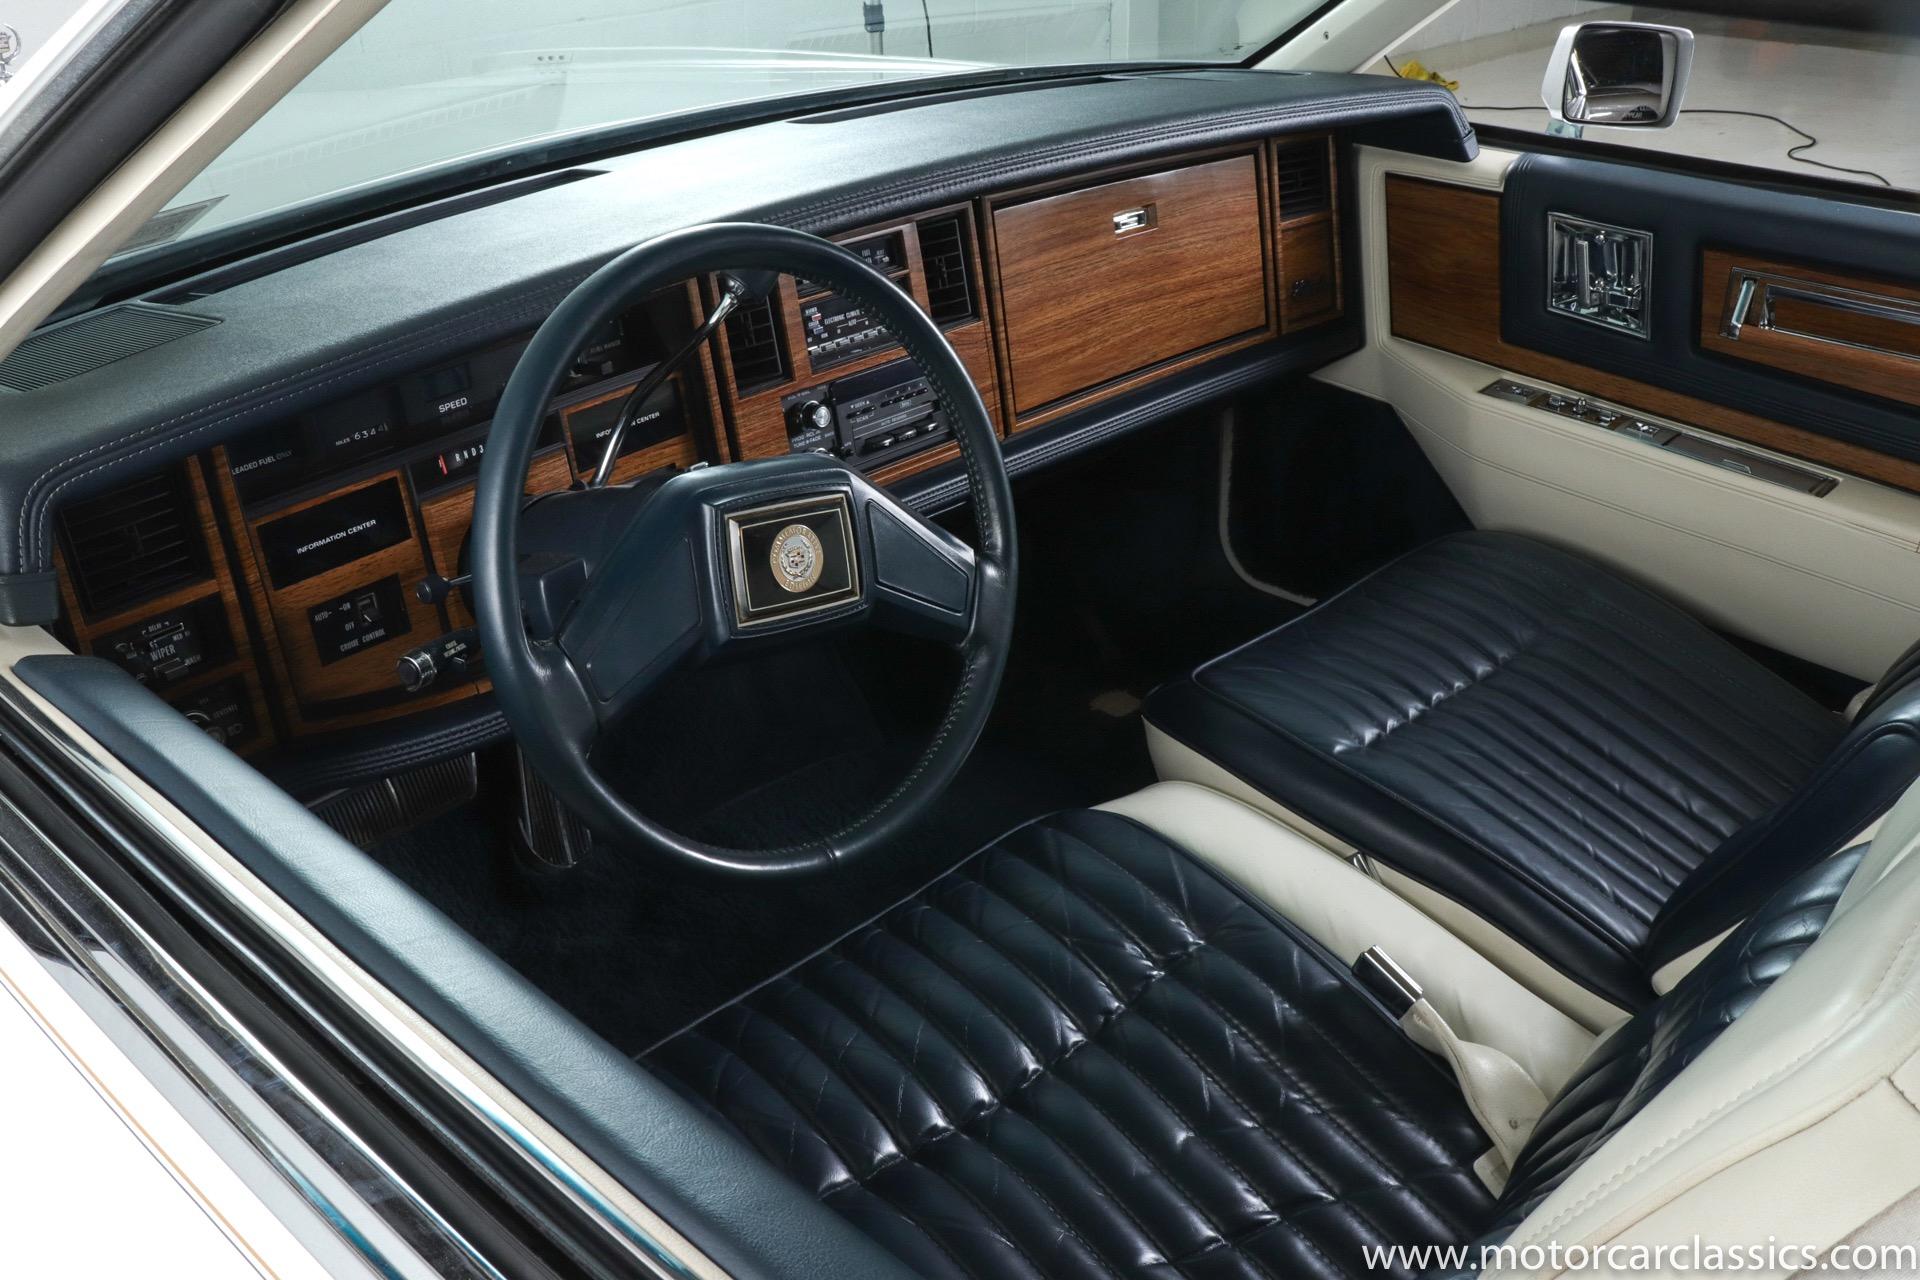 1985 Cadillac Eldorado Commemorative Edition